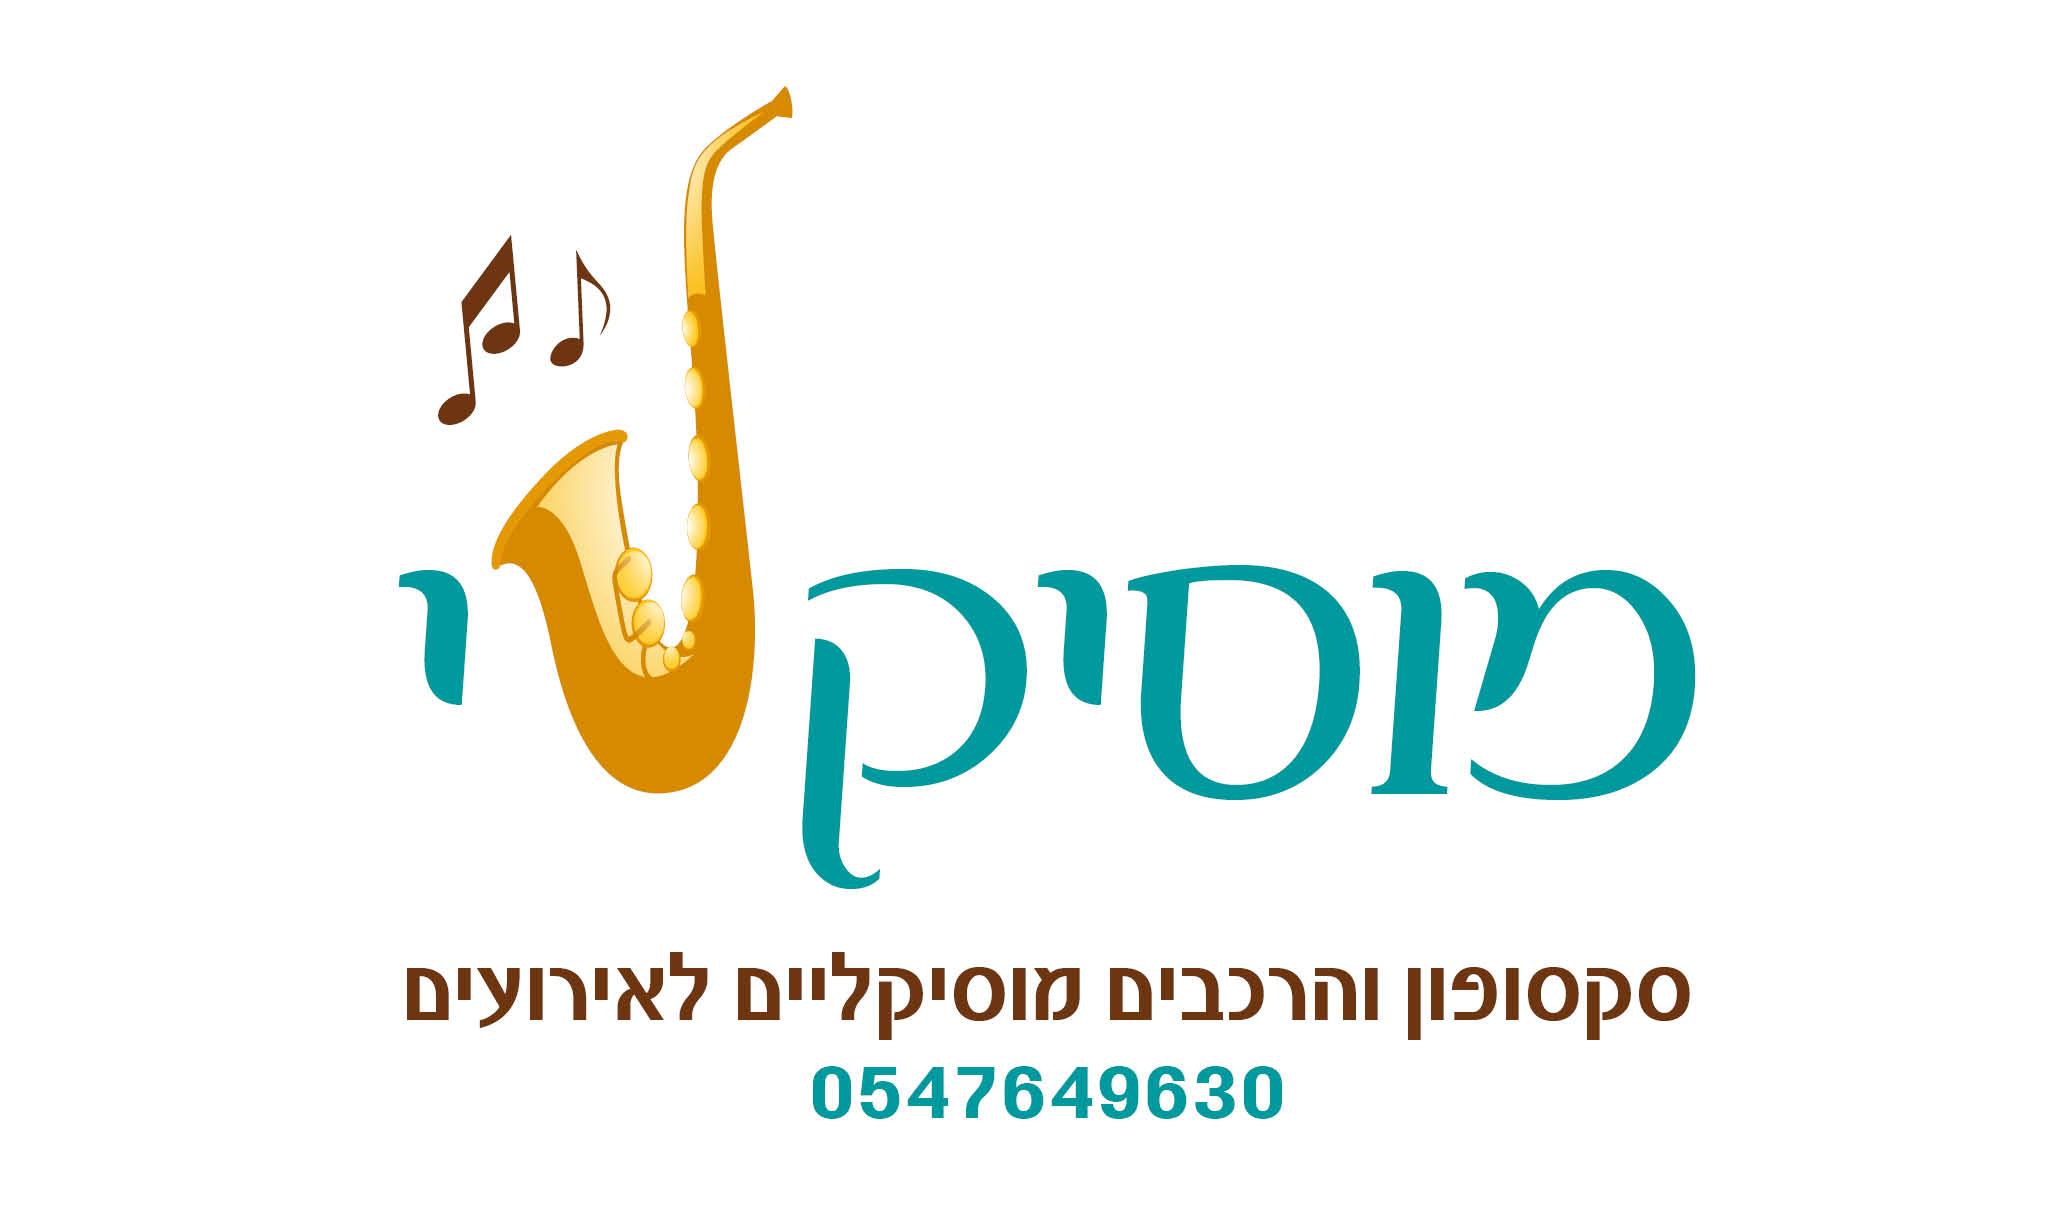 מוסיקלי לוגו ללהקה